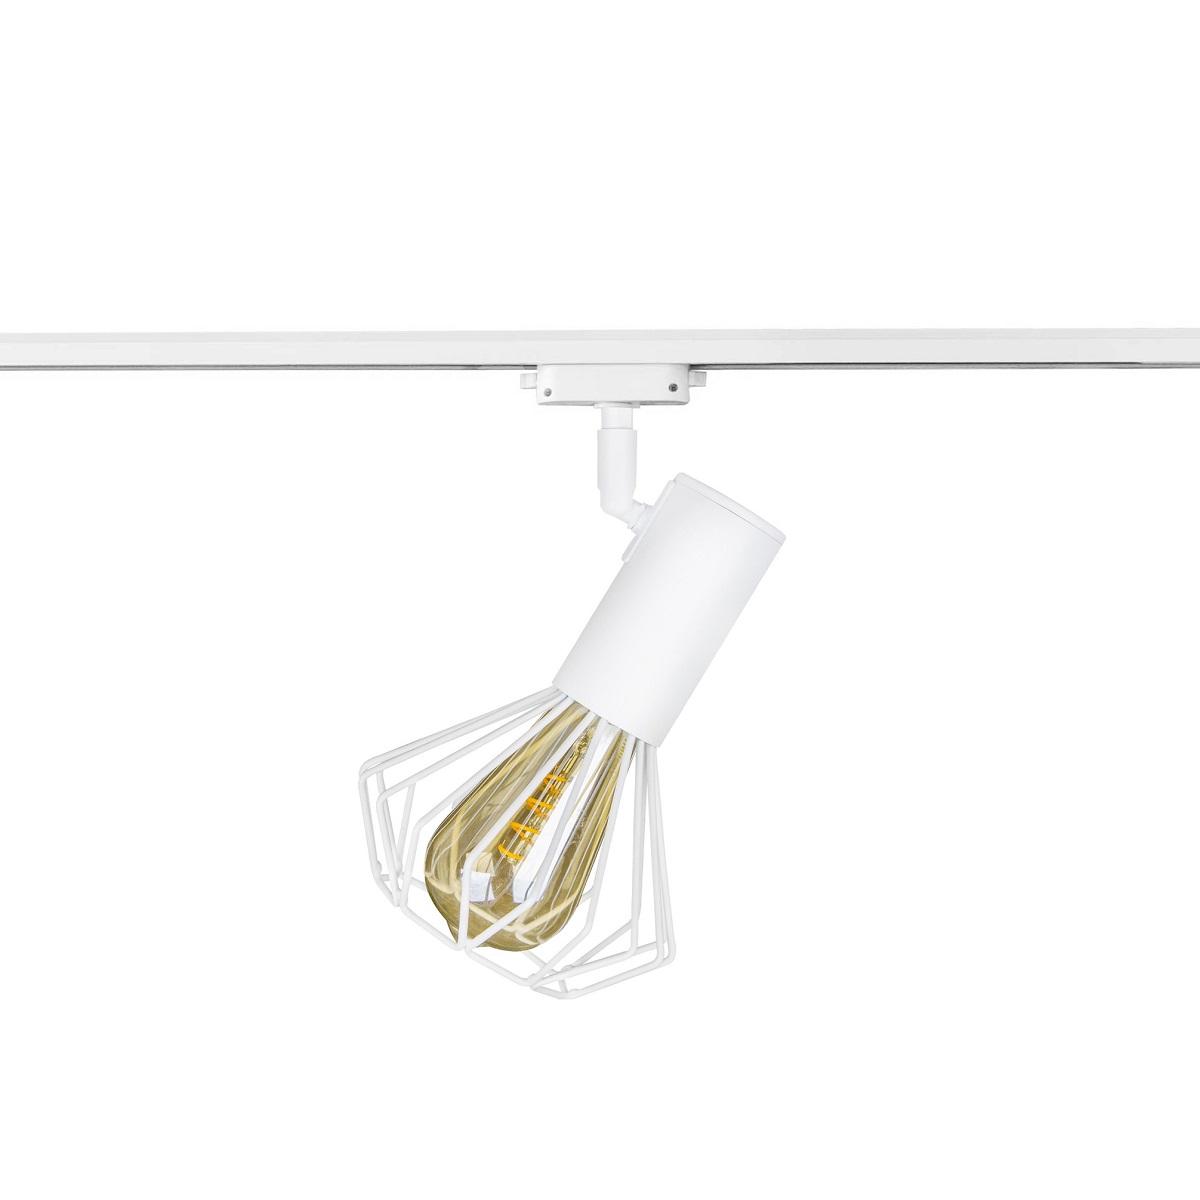 Светильники ЛОФТ - Люстра лофт потолочная с поворотным плафоном 000002778 - Фото 1